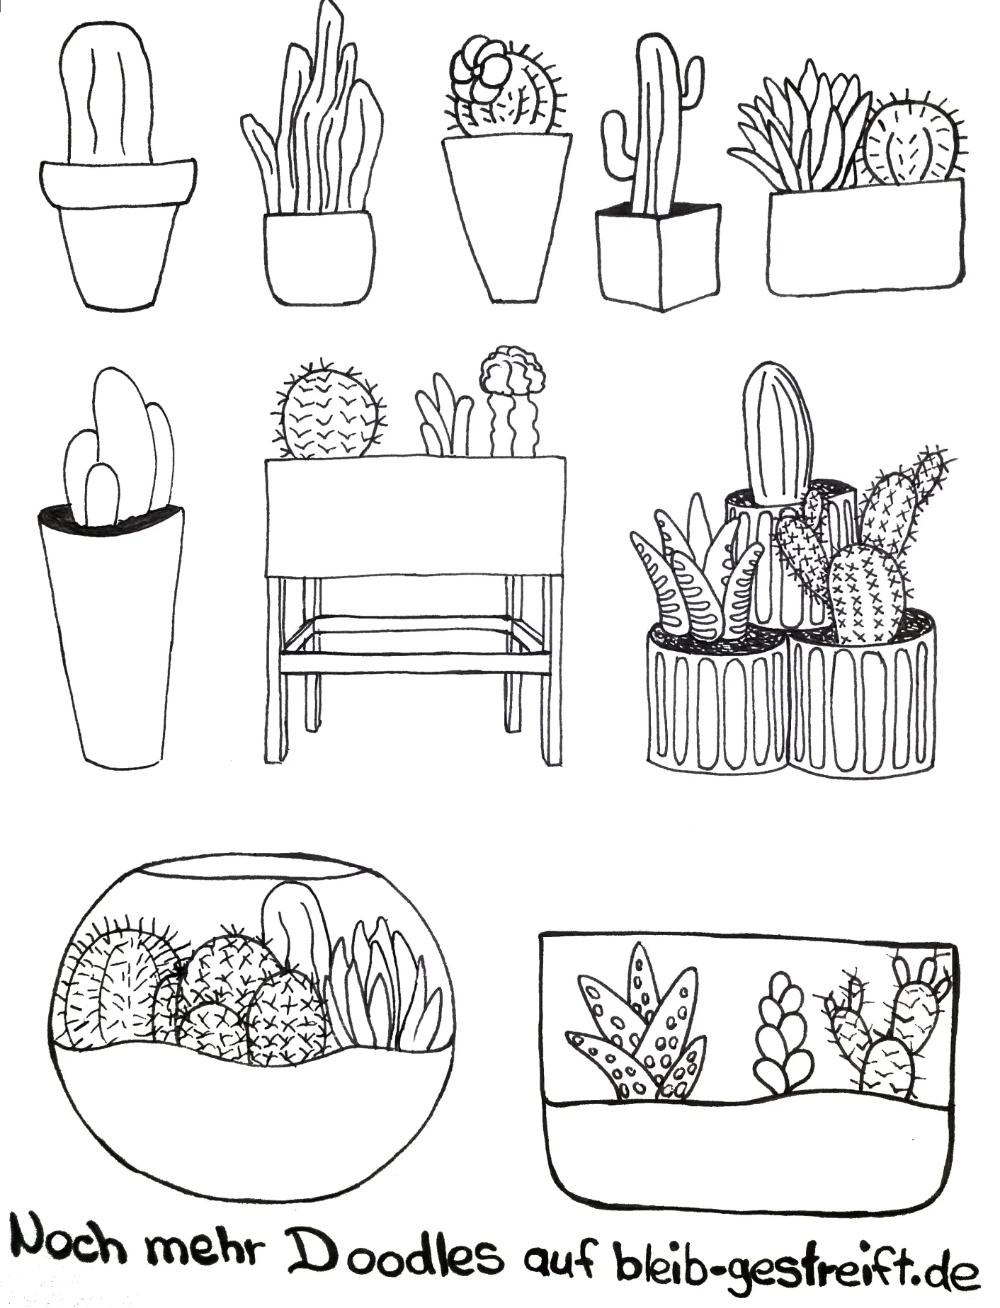 Doodles Zeichnen Viele Vorlagen Fur Deine